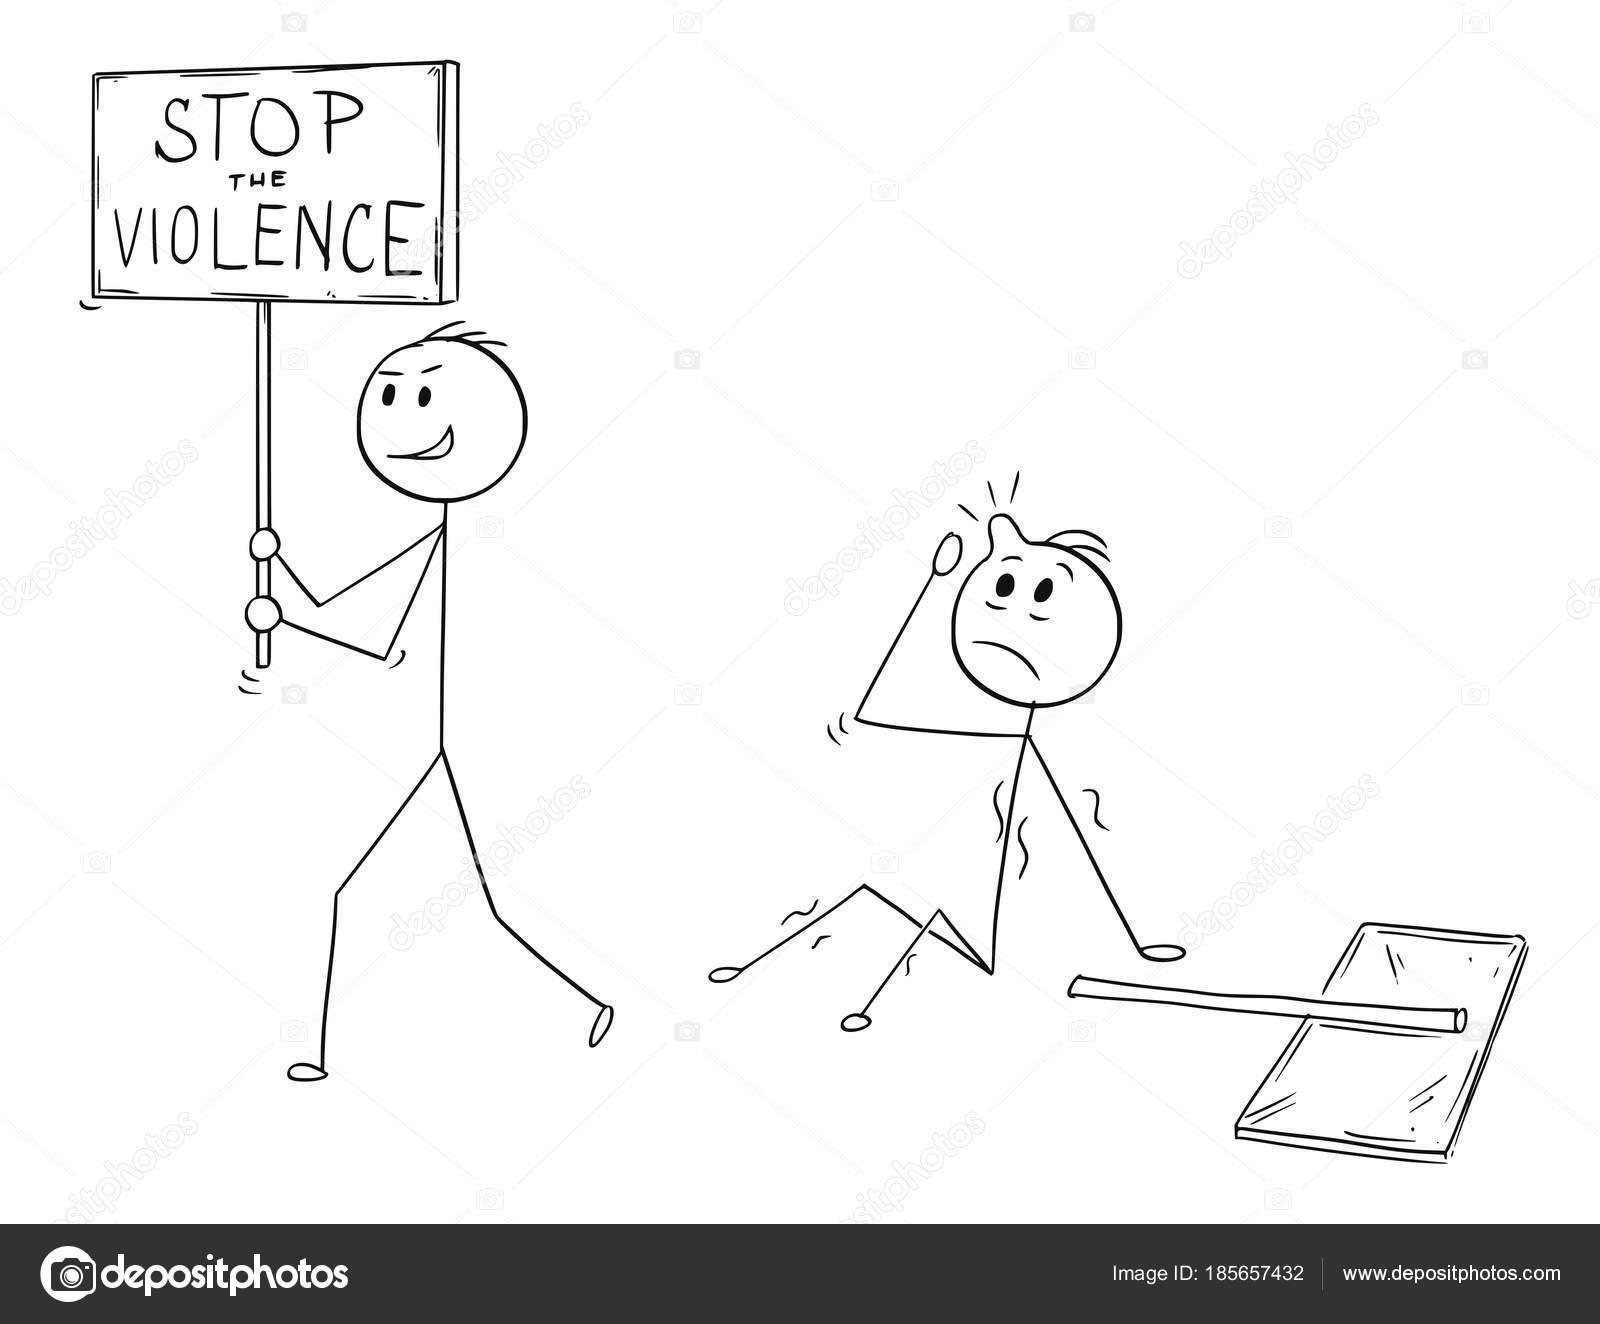 Dibujos Para Colorear De Violencia Dibujos Animados De